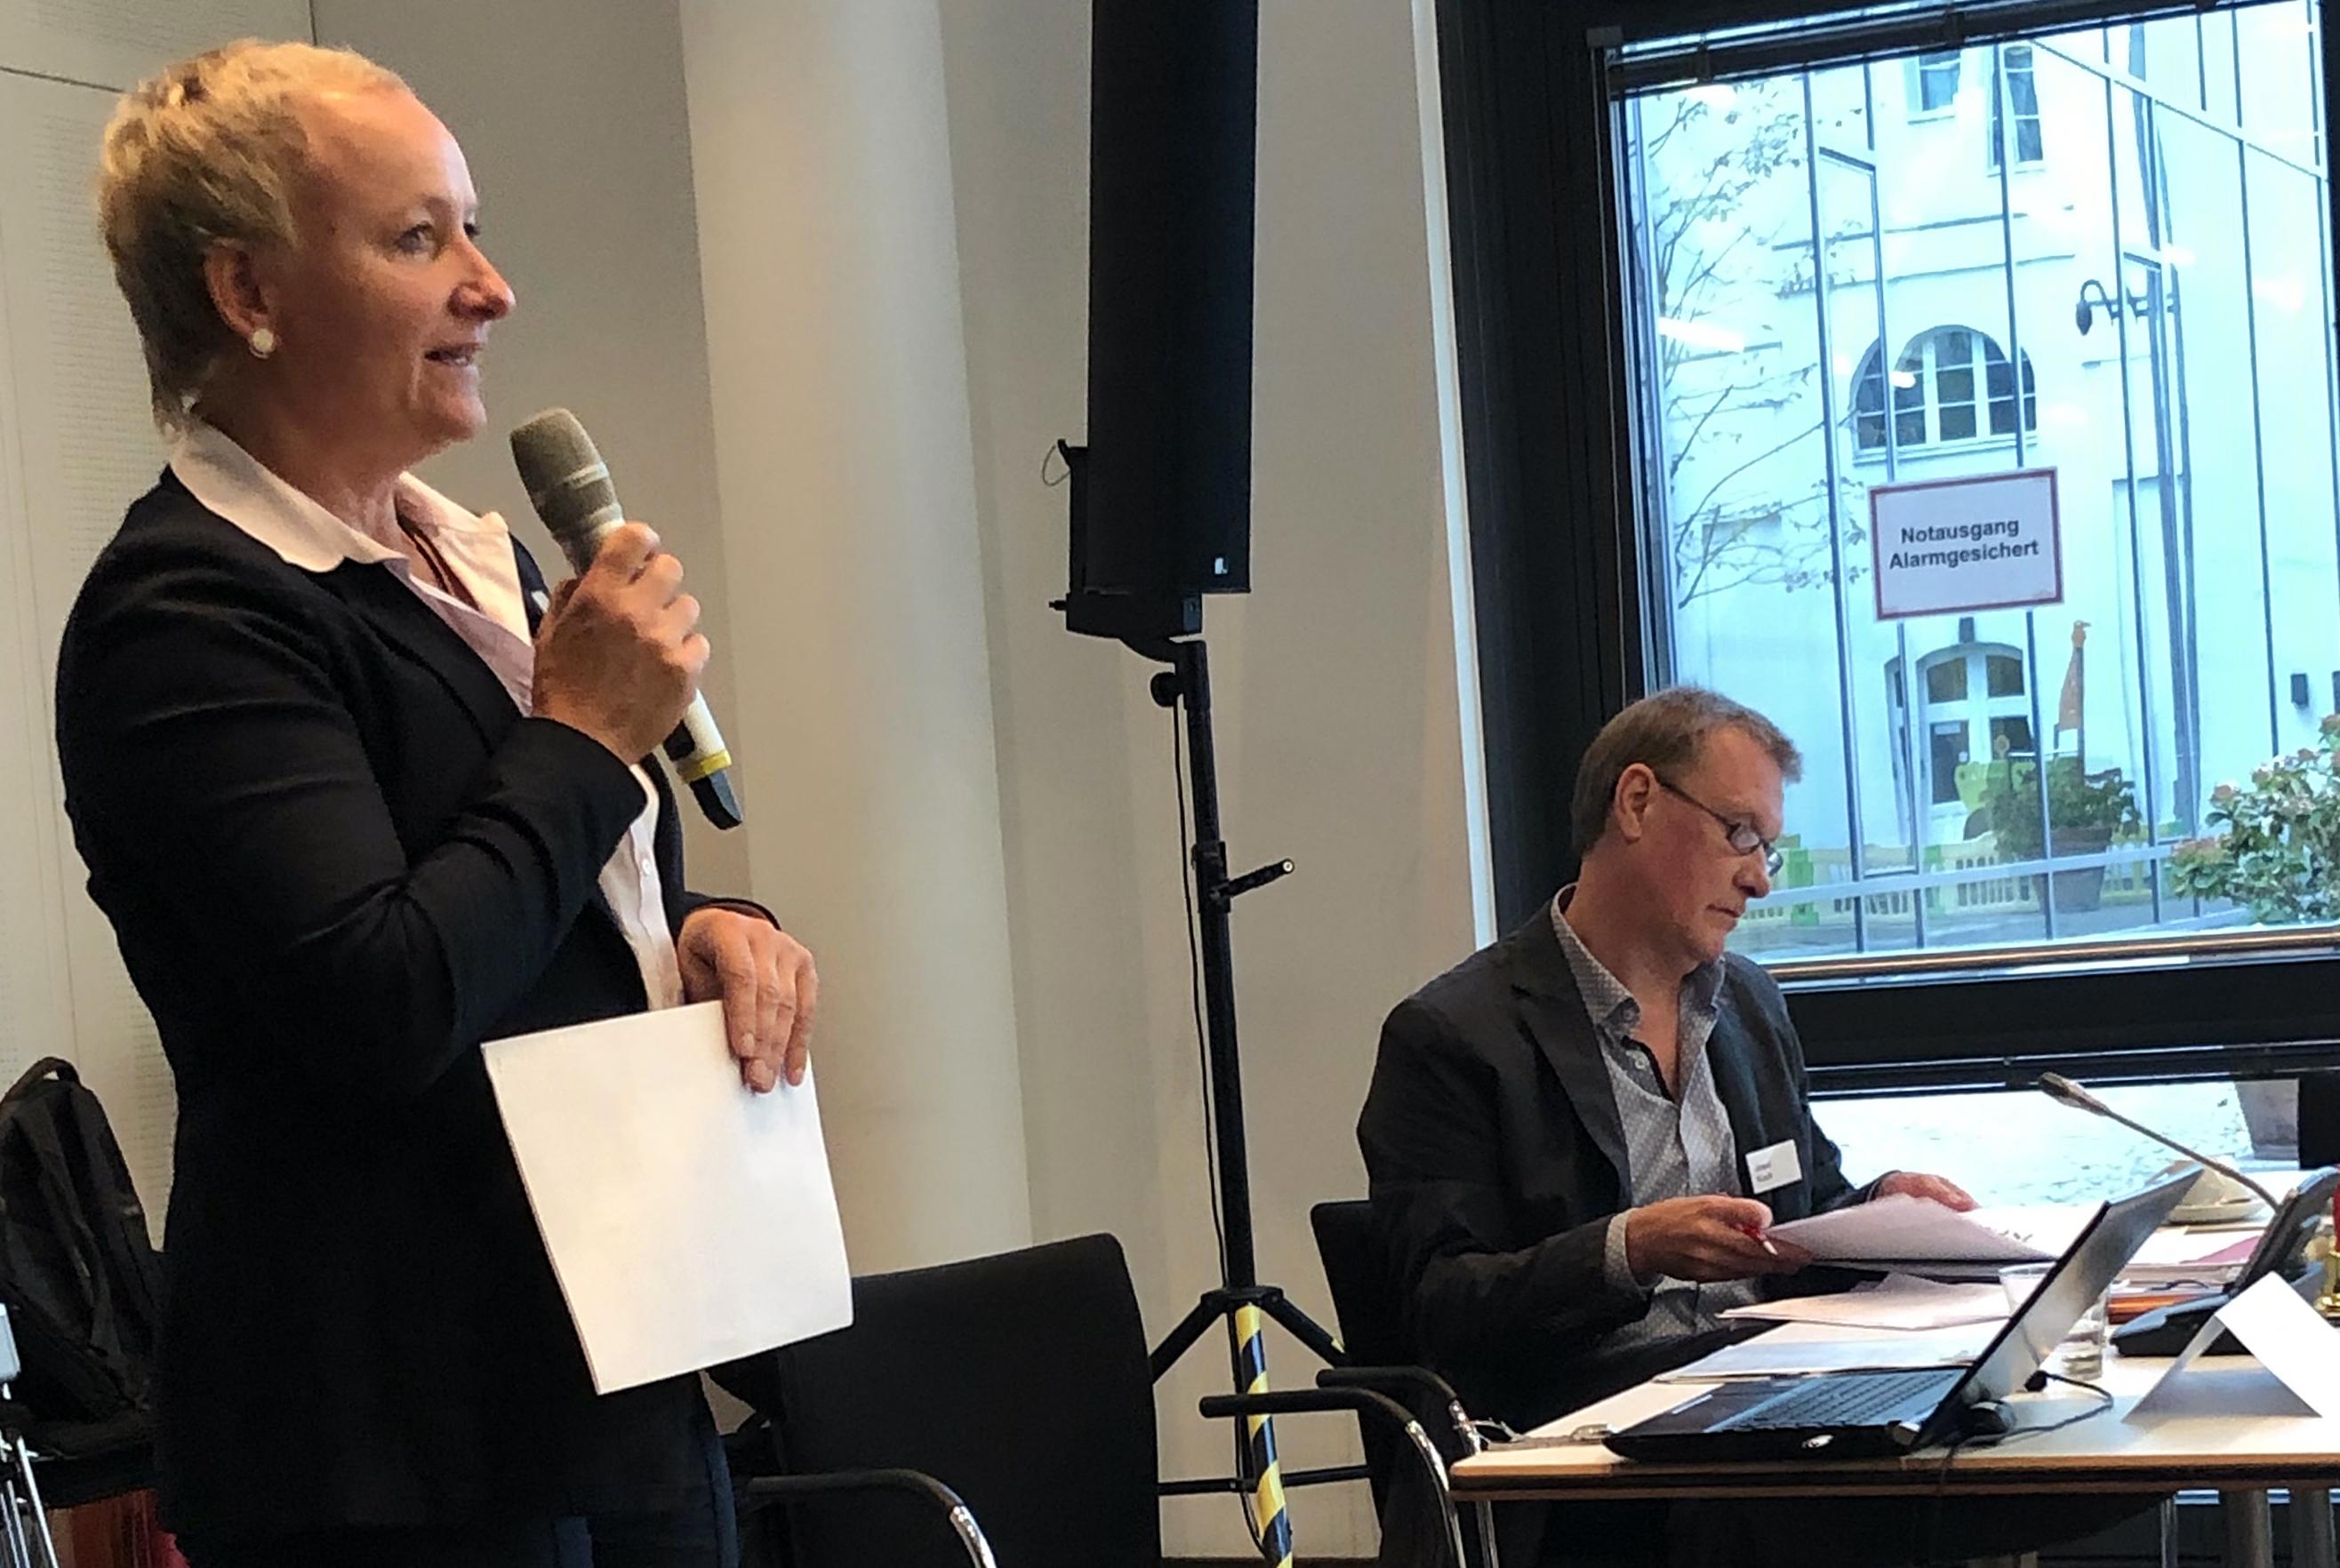 Rechtsanwältin Gila Schindler spricht, Josef Koch sitzt